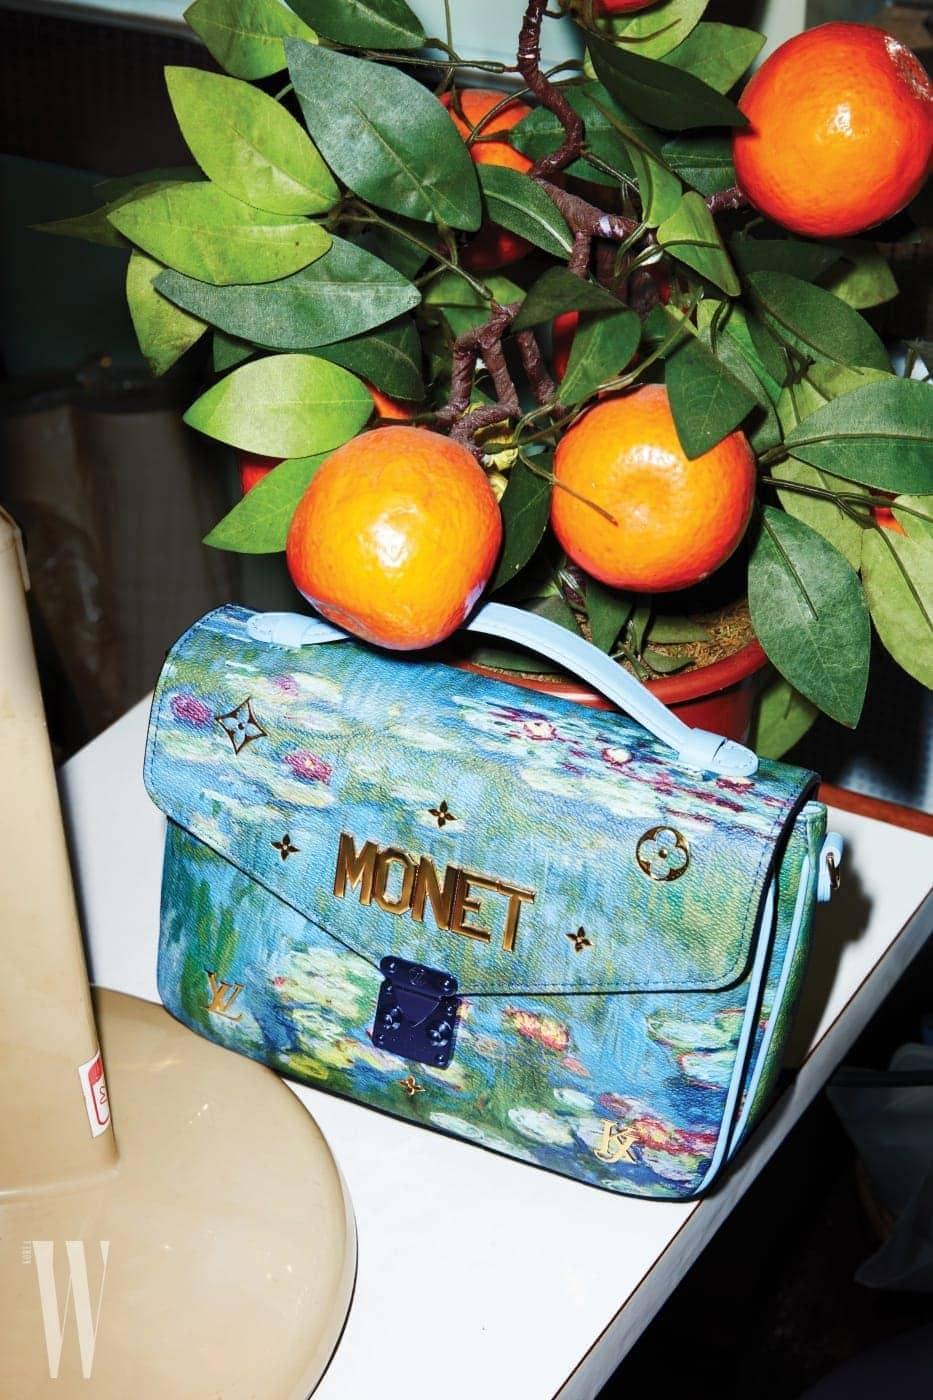 명화에서 영감 받아 만든 제프 쿤스의 2018 마스터즈2 컬렉션 백은 루이 비통 제품. 가격 미정.